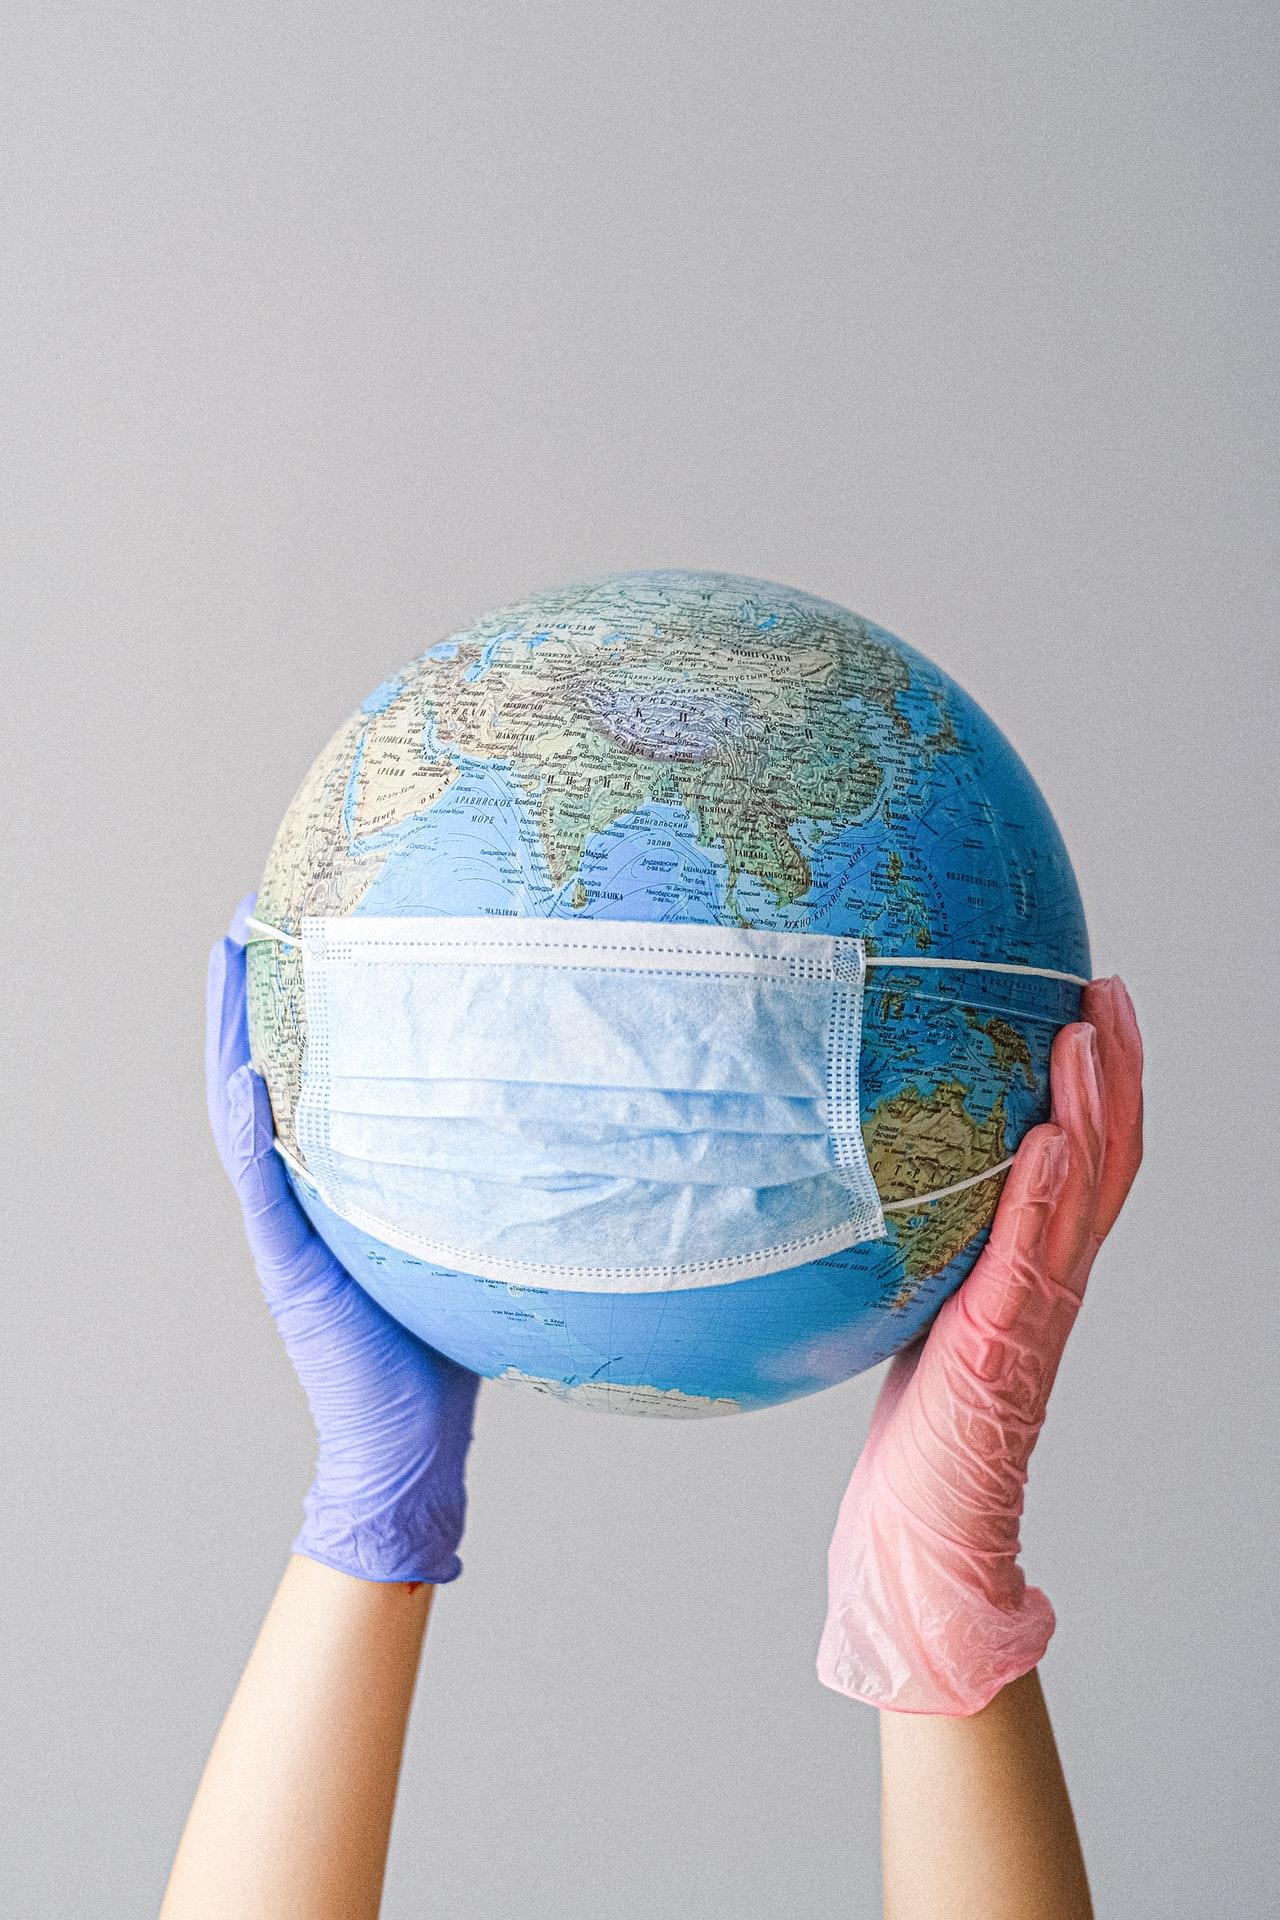 Ting du kan give dig til derhjemme under corona pandemien